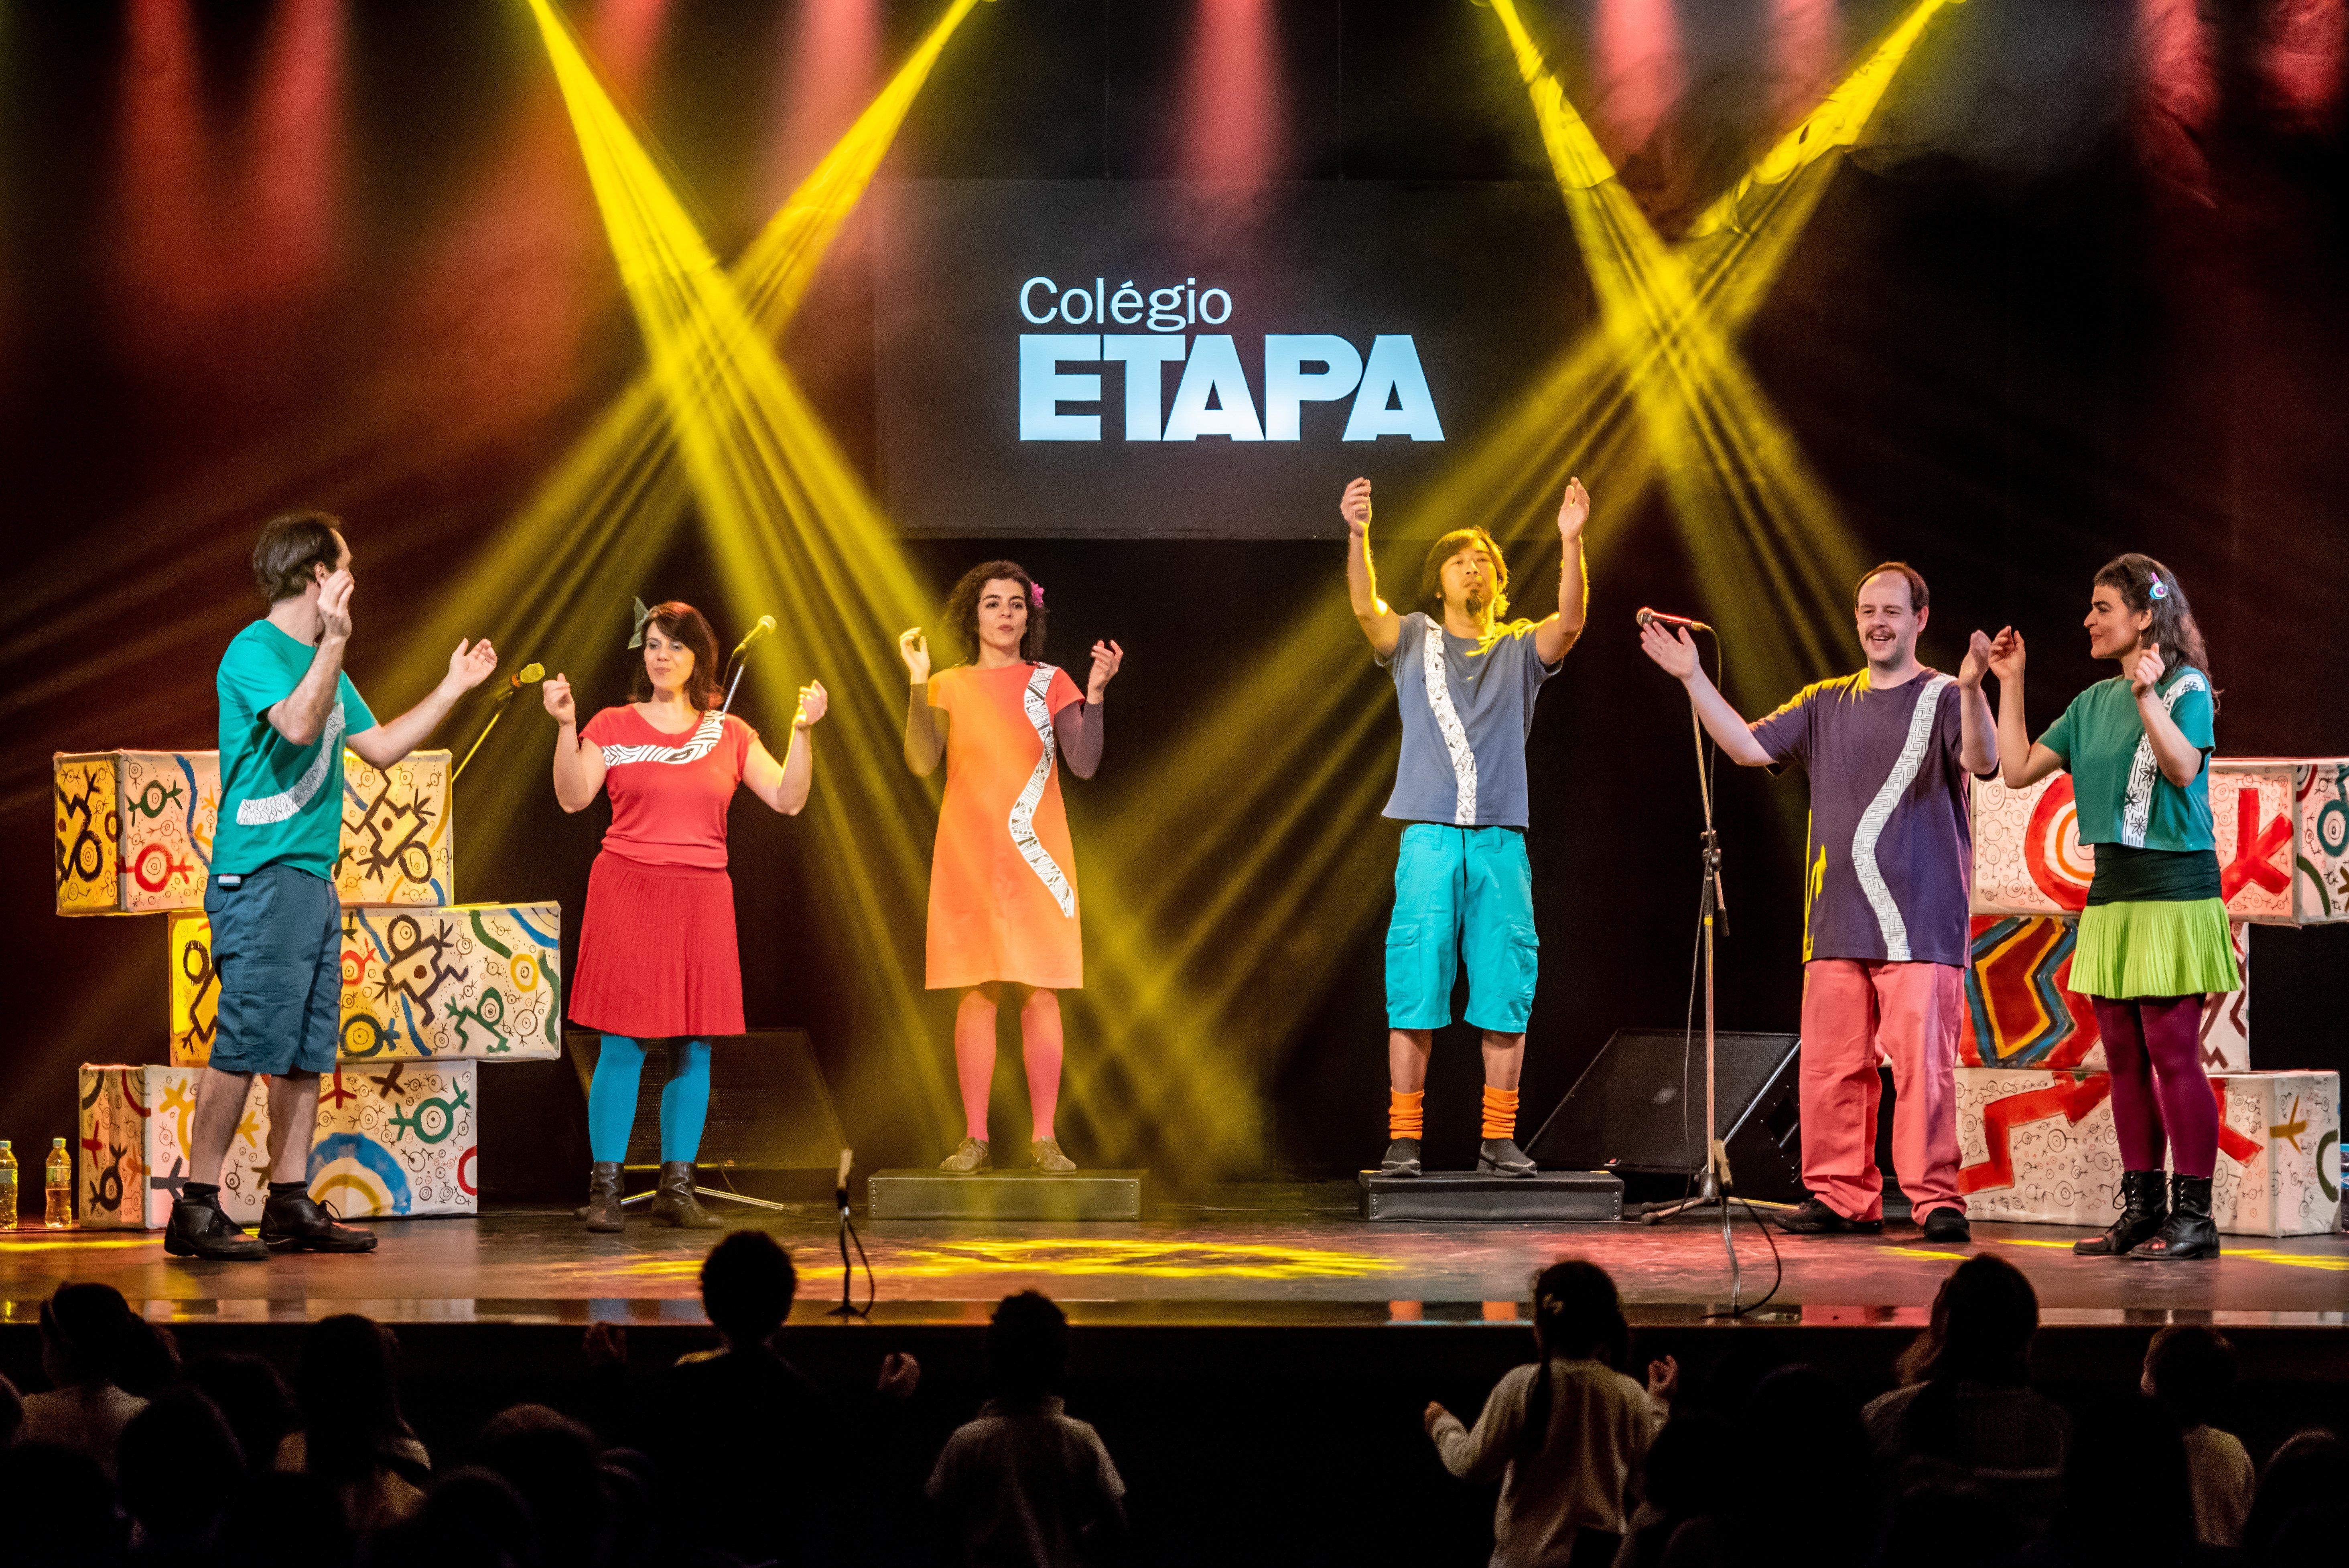 Os shows do grupo musical Barbatuques são experiências musicais que levam o público a explorar a diversidade de timbres do próprio corpo.